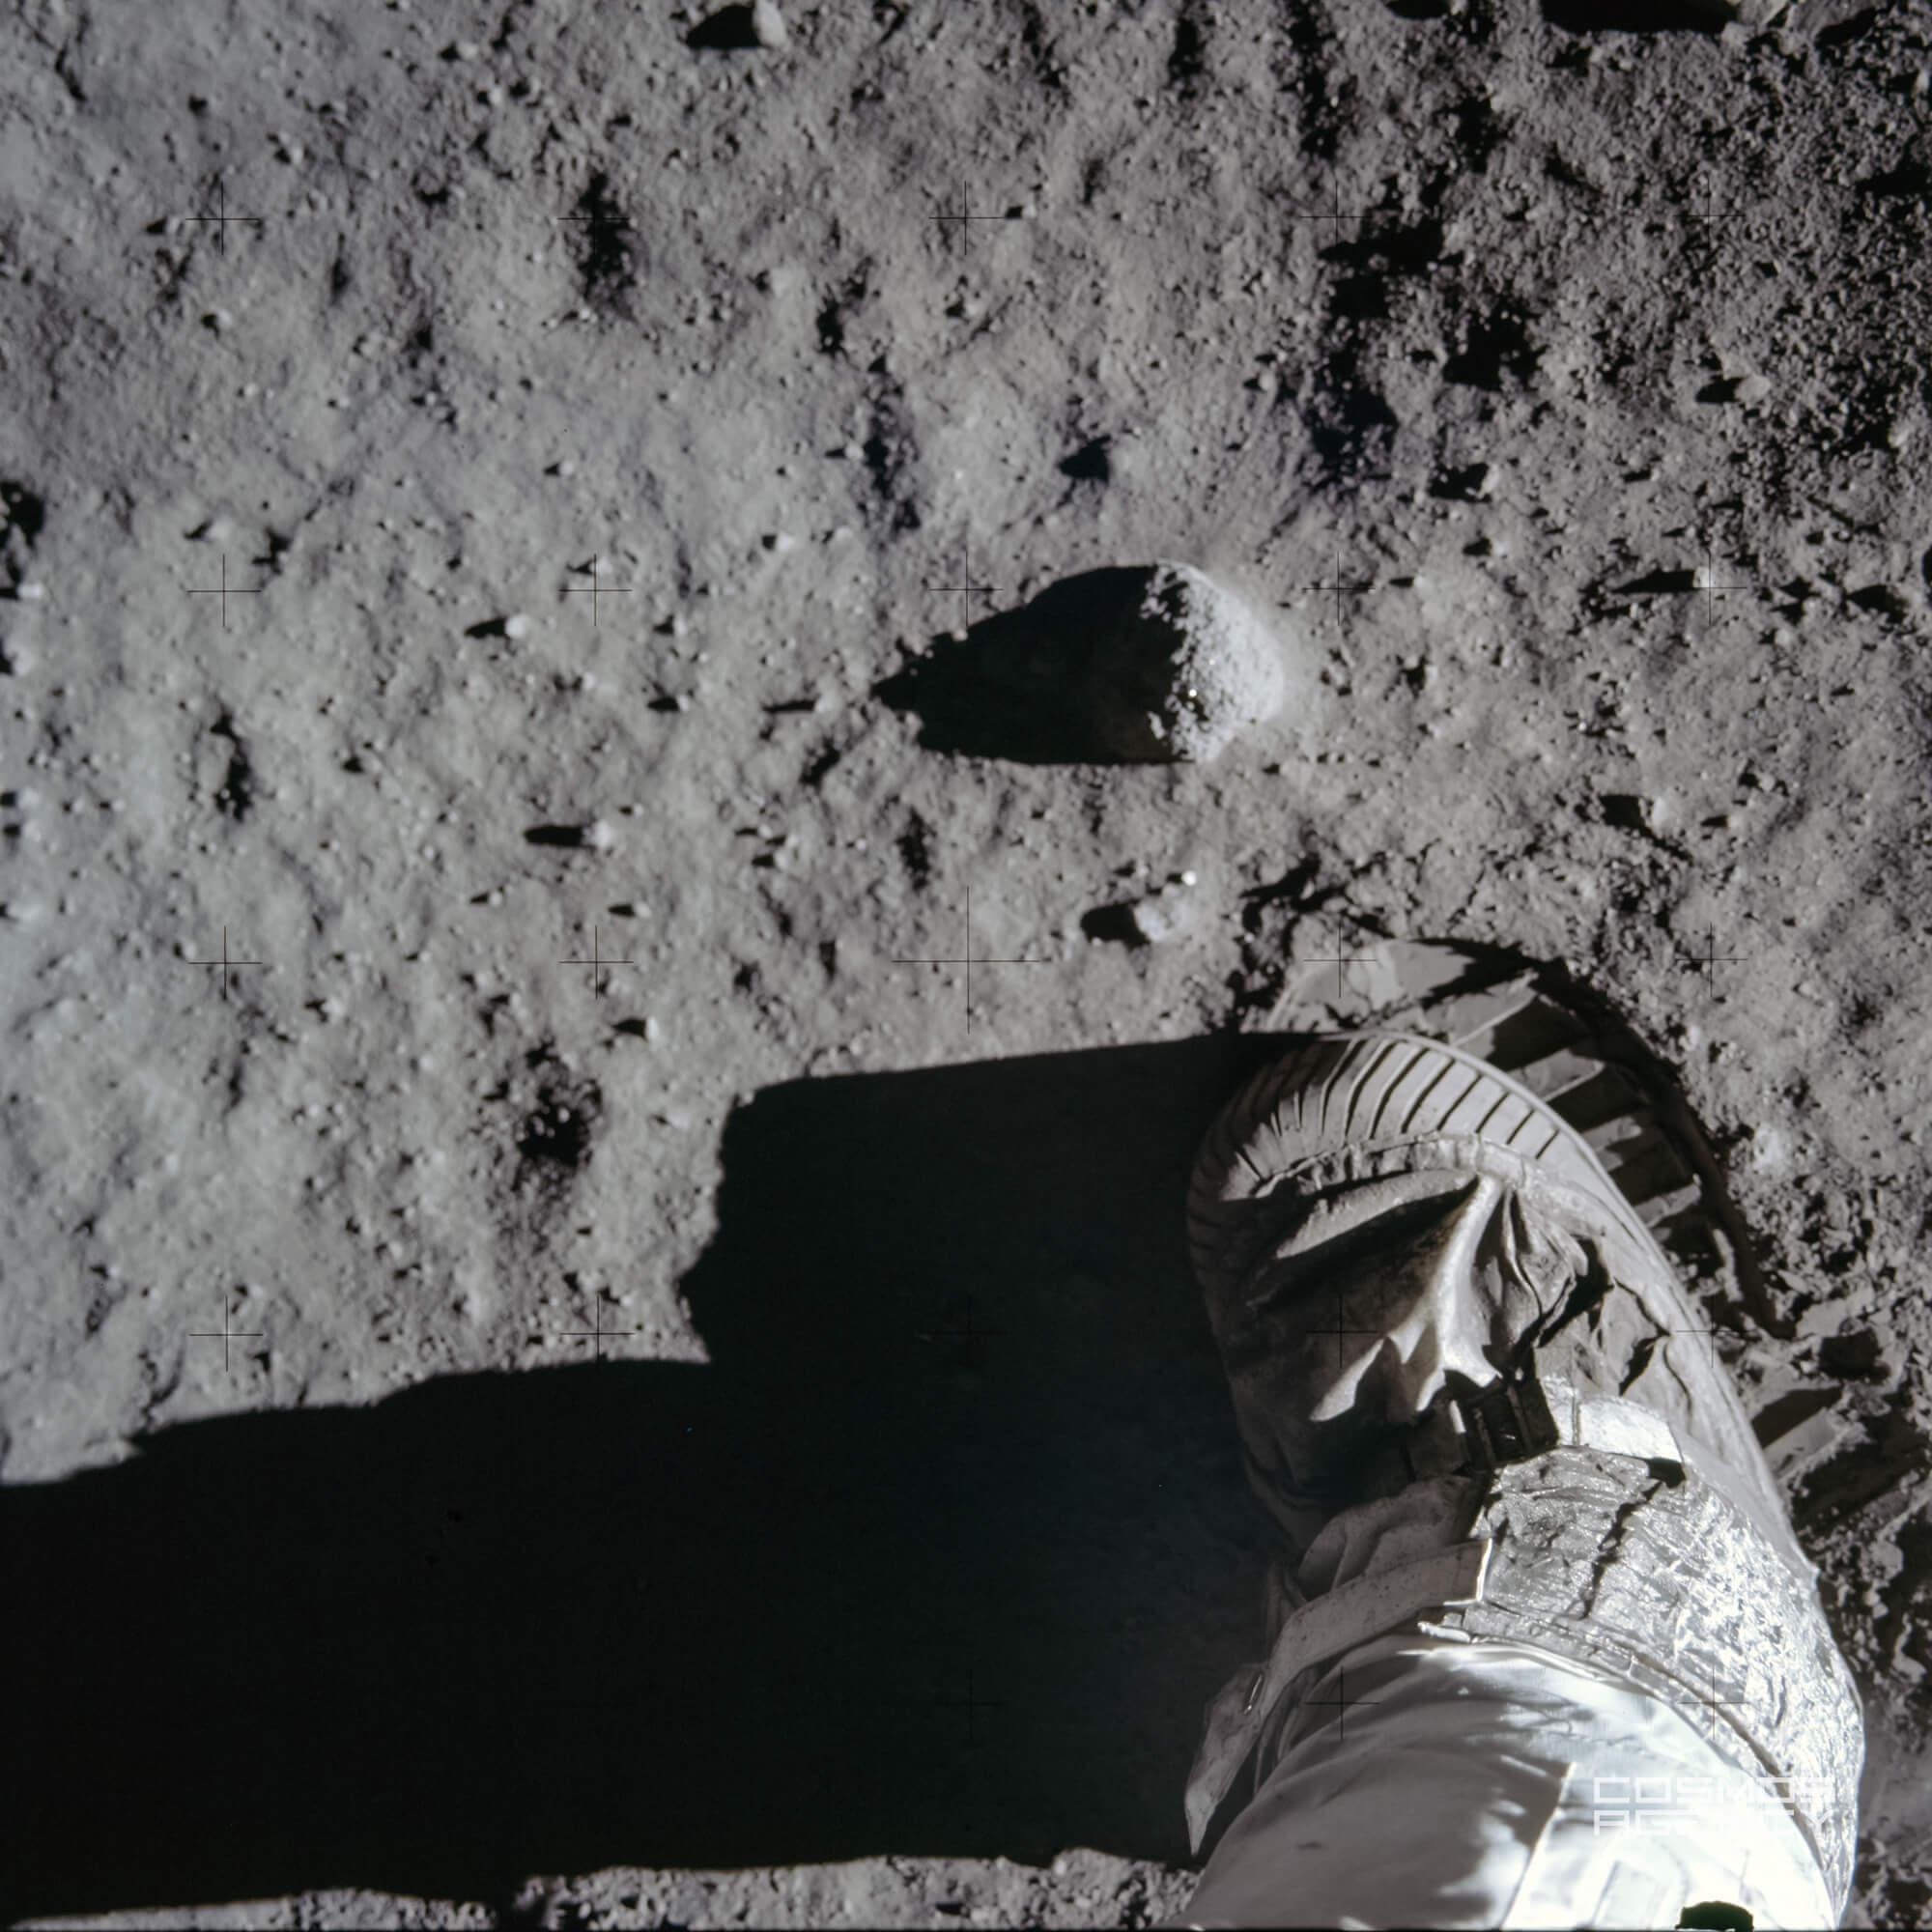 Ботинок и отпечаток на лунном грунте астронавта NASA База Олдрина, Аполлон 11, 1969